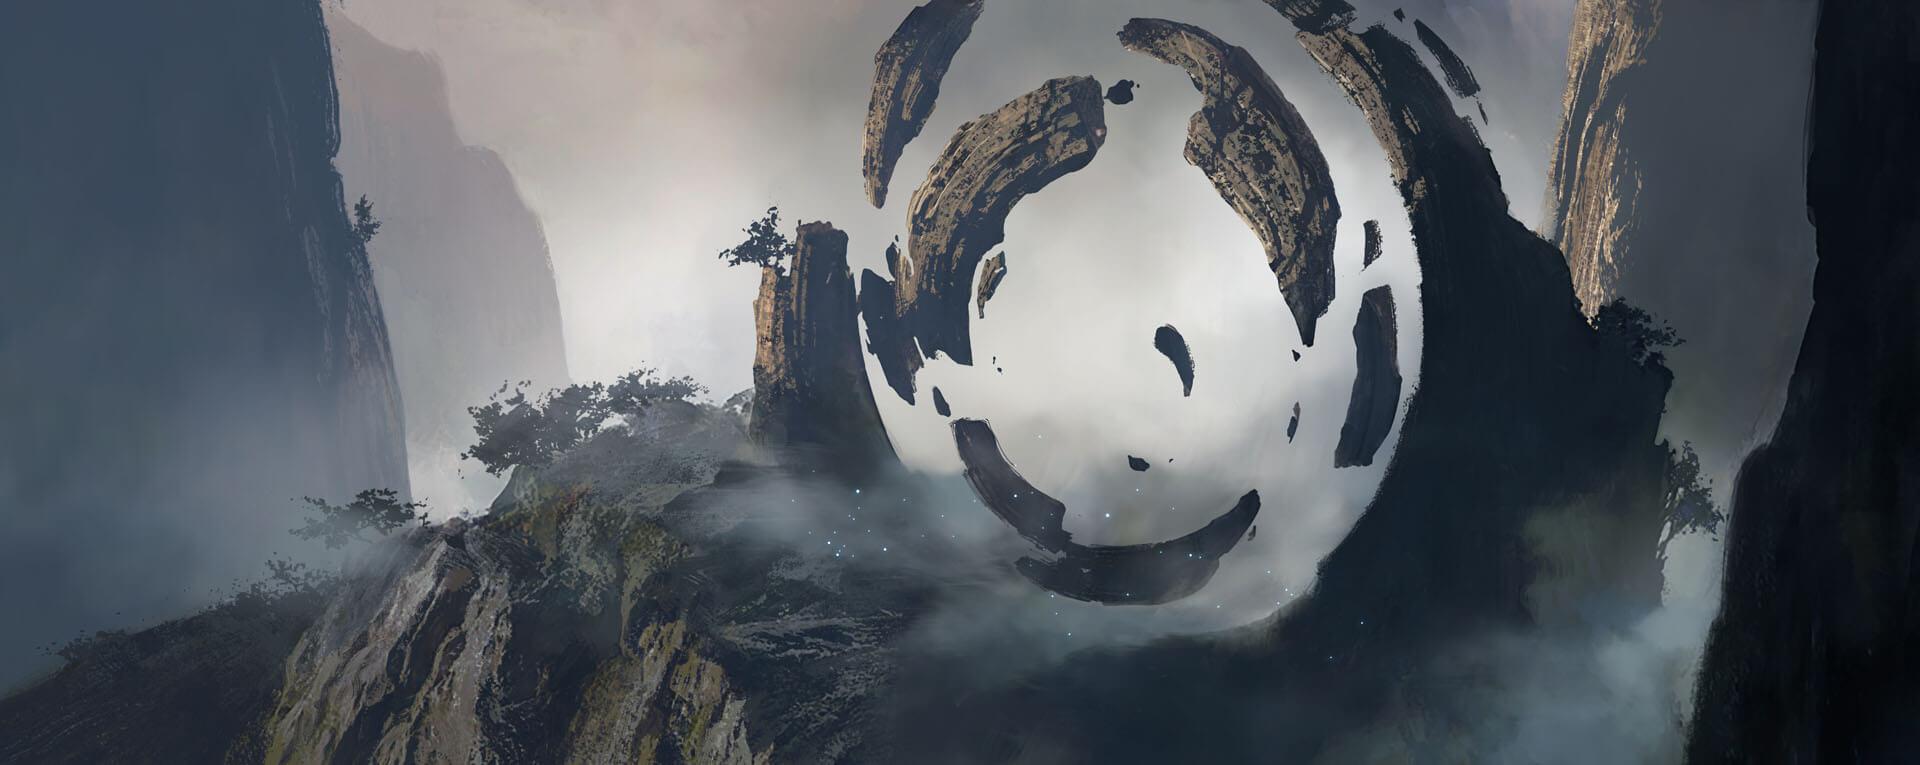 Swirl Rocks